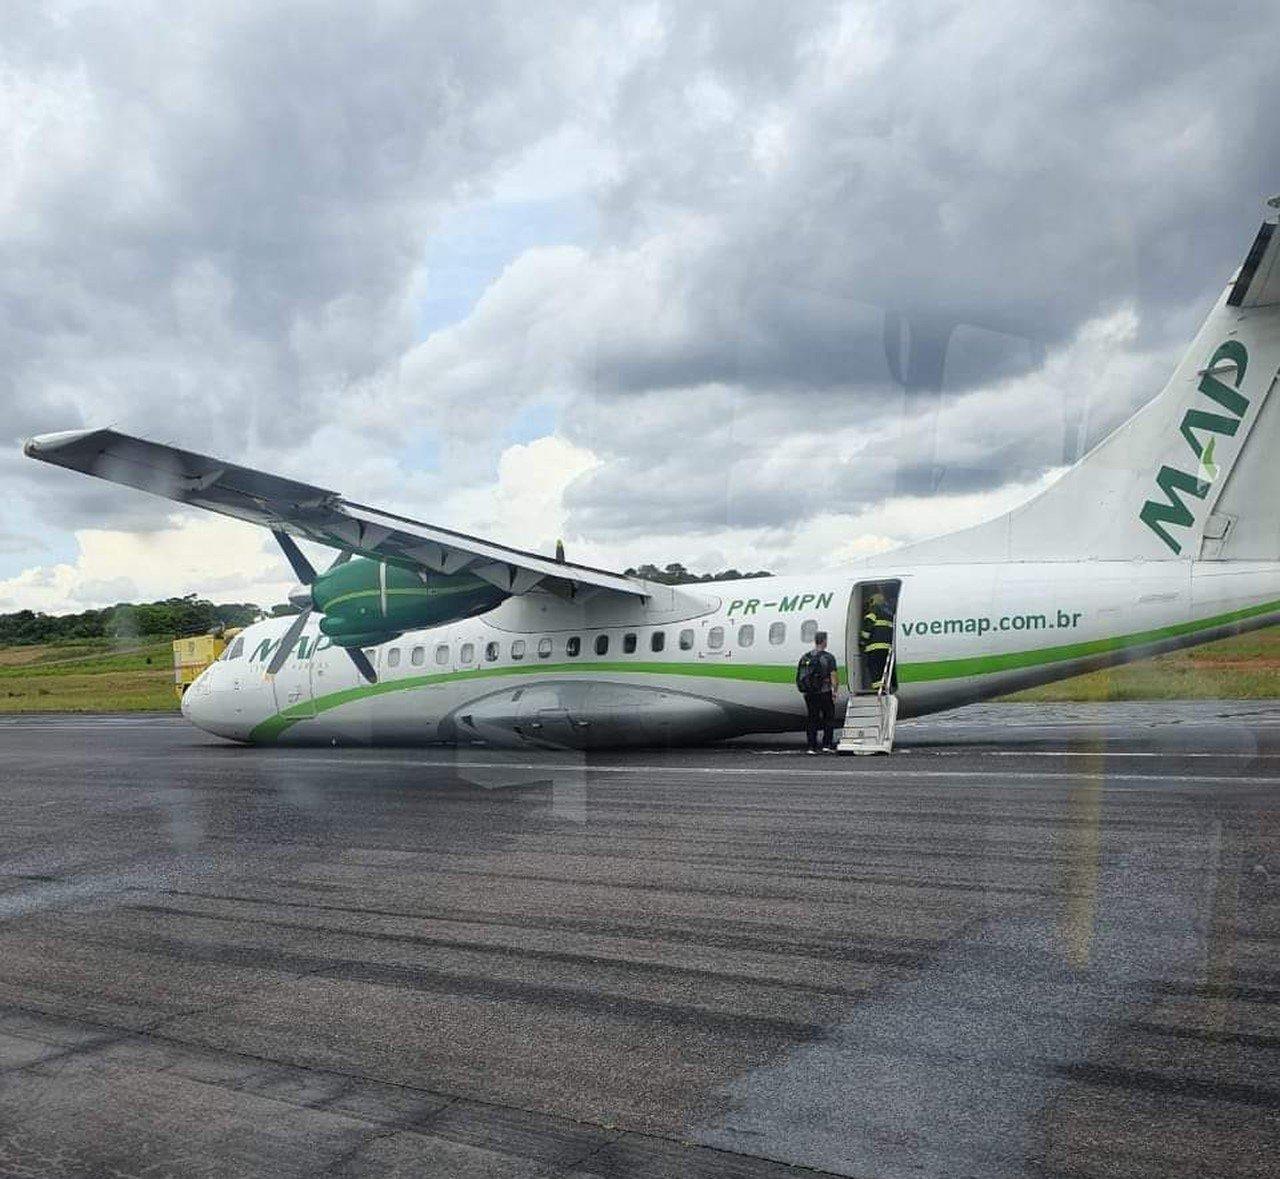 Волшебное спасение: в Бразилии пилот умудрился посадить самолет без шасси